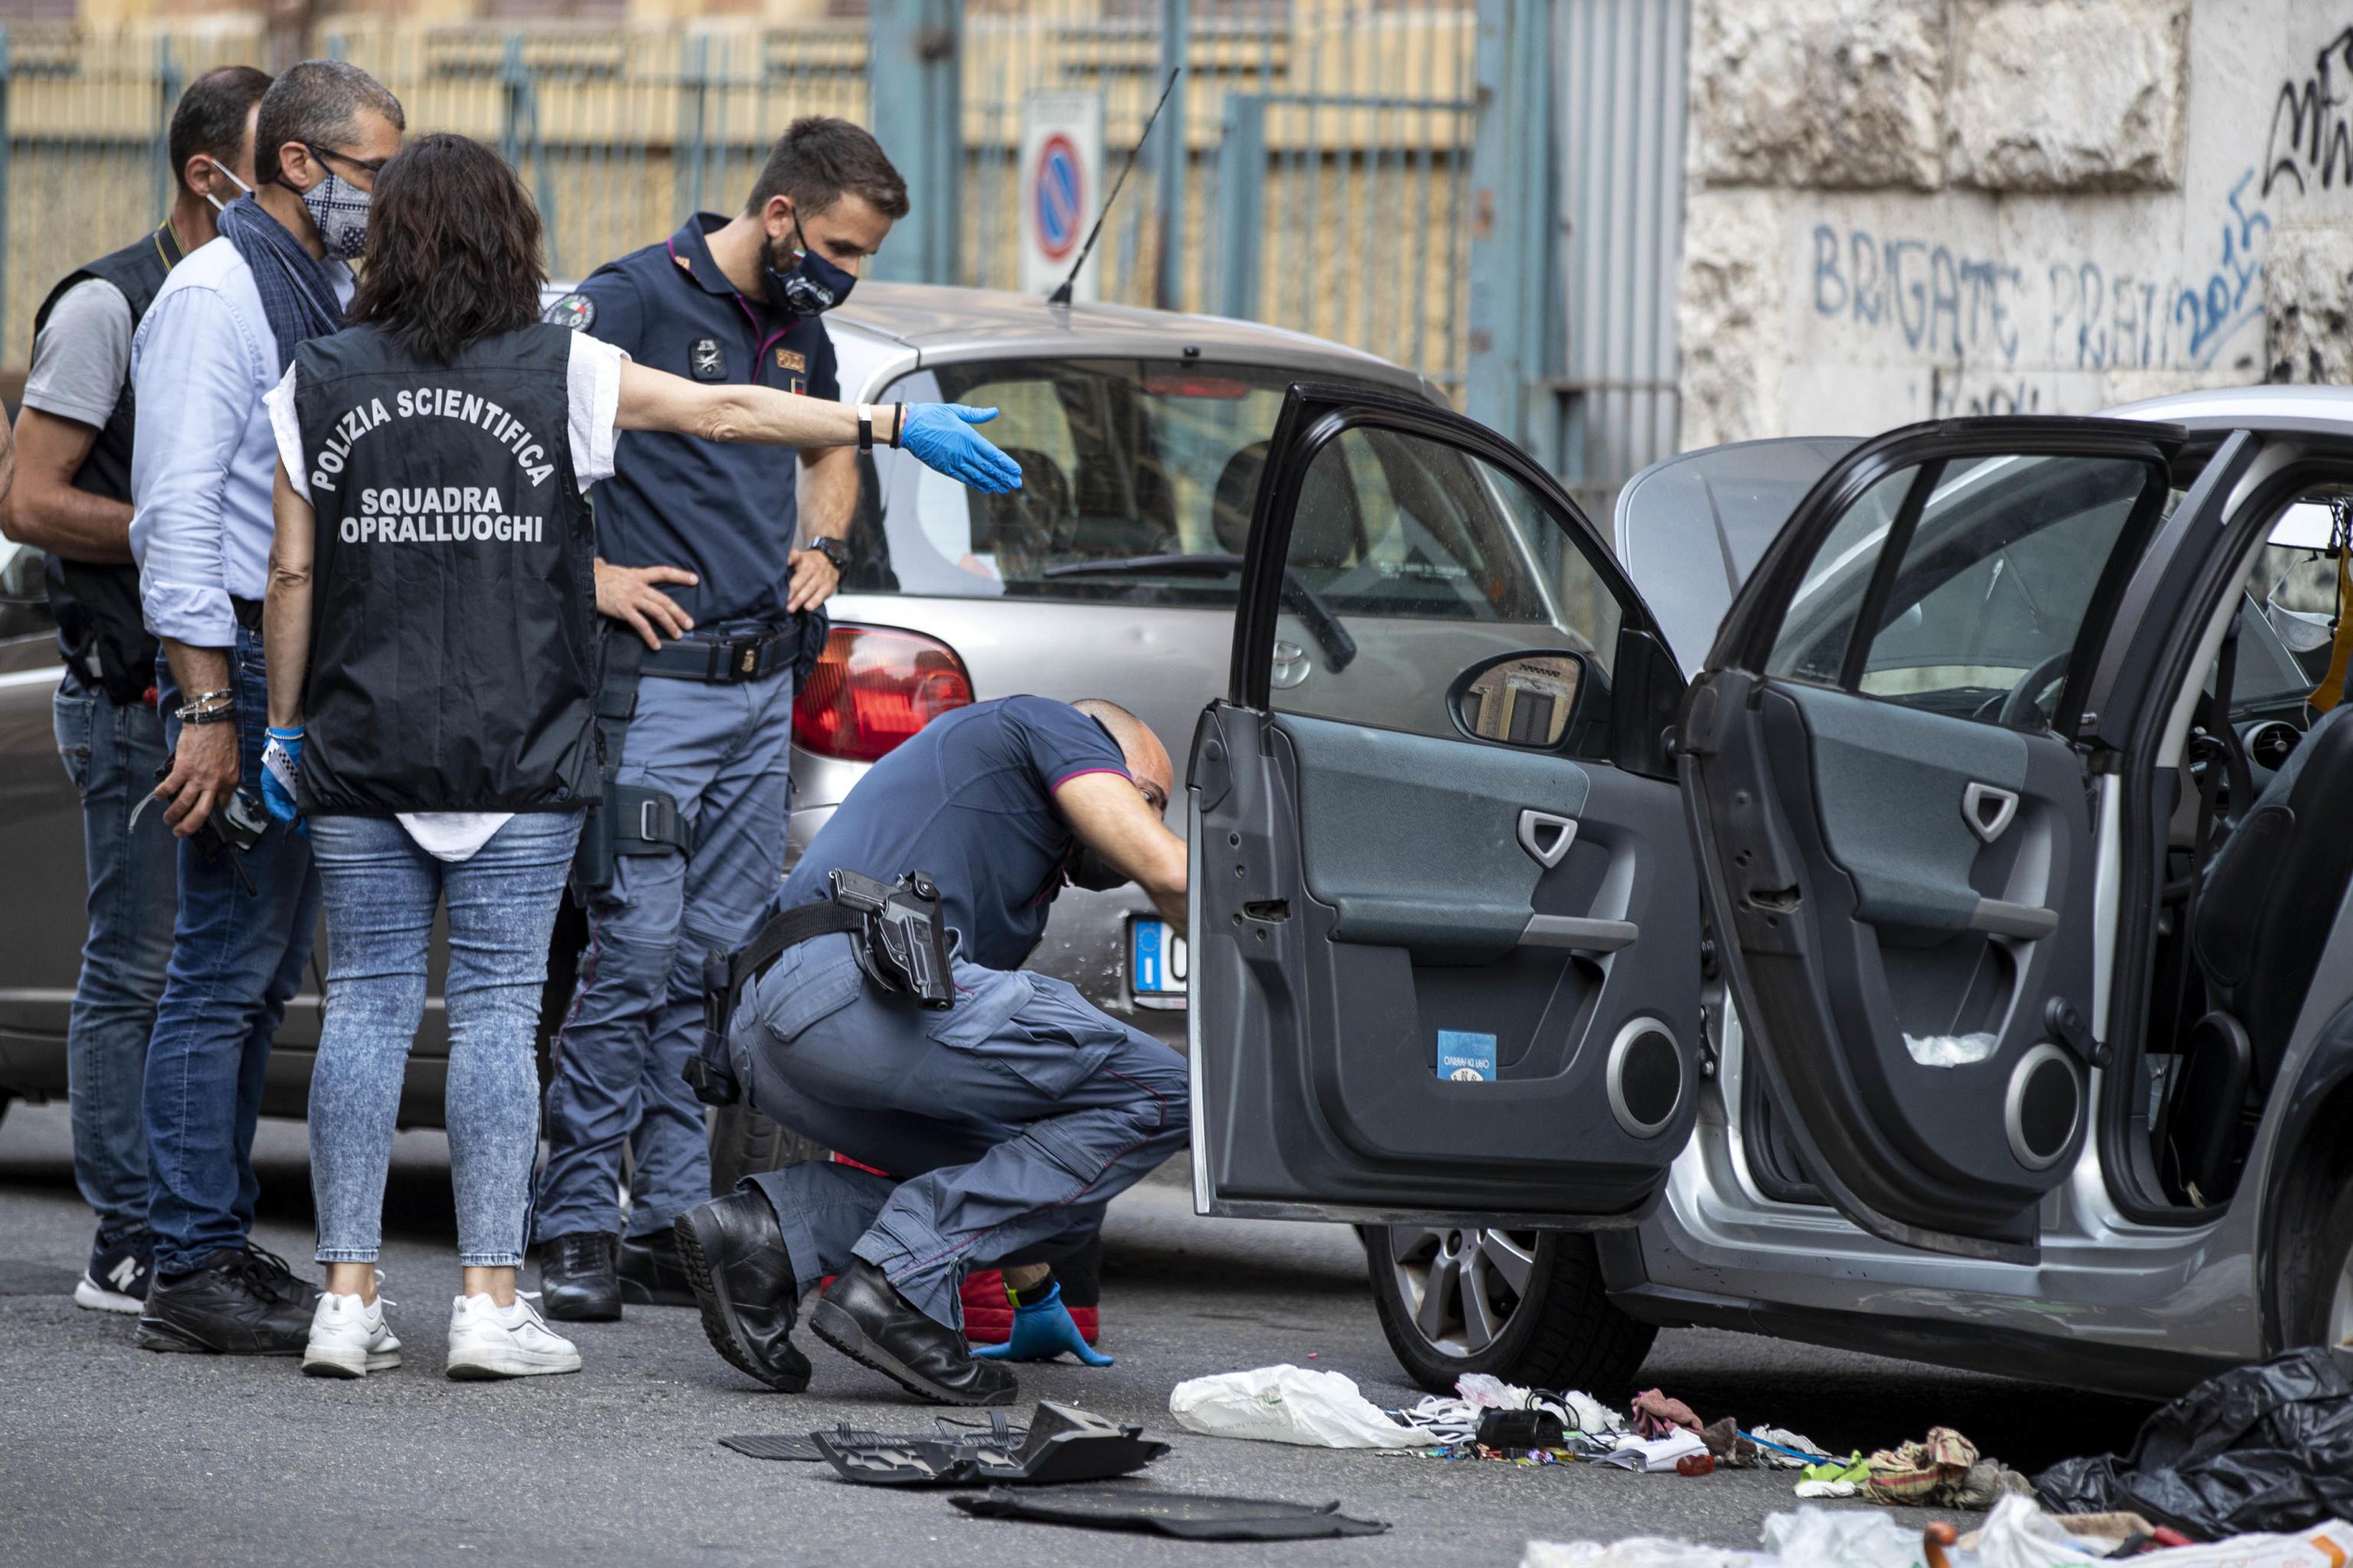 Trovato pacco bomba su un'autovettura in via Tito Speri nel quartiere Prati, polizia scientifica sul posto. Roma 15 giugno 2021 ANSA/MASSIMO PERCOSSI